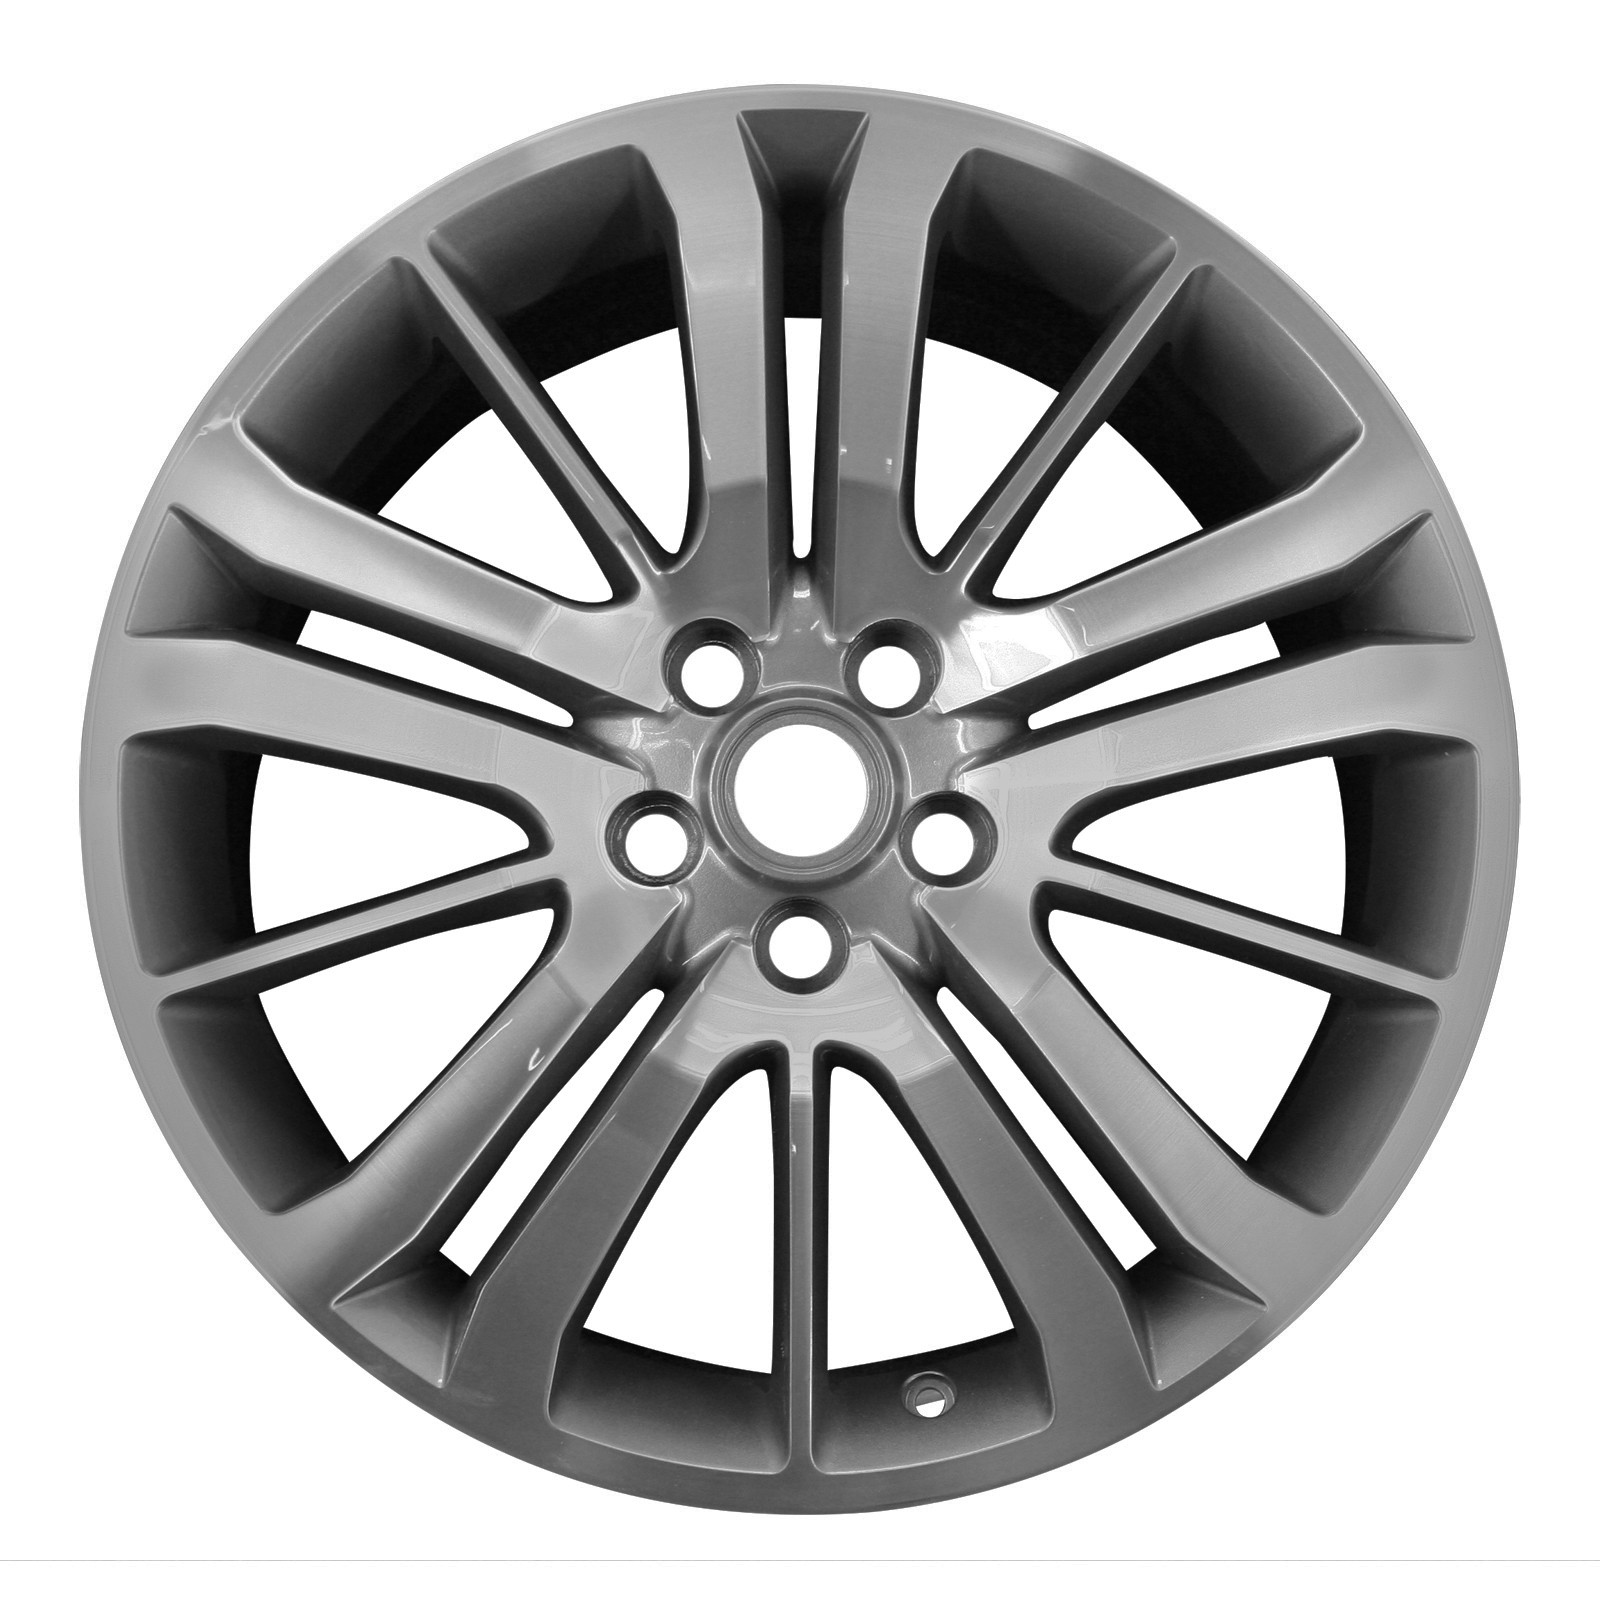 Колесный диск R20 Style 4 Diamond Turned Anthracite для Range Rover Sport 2010-2014